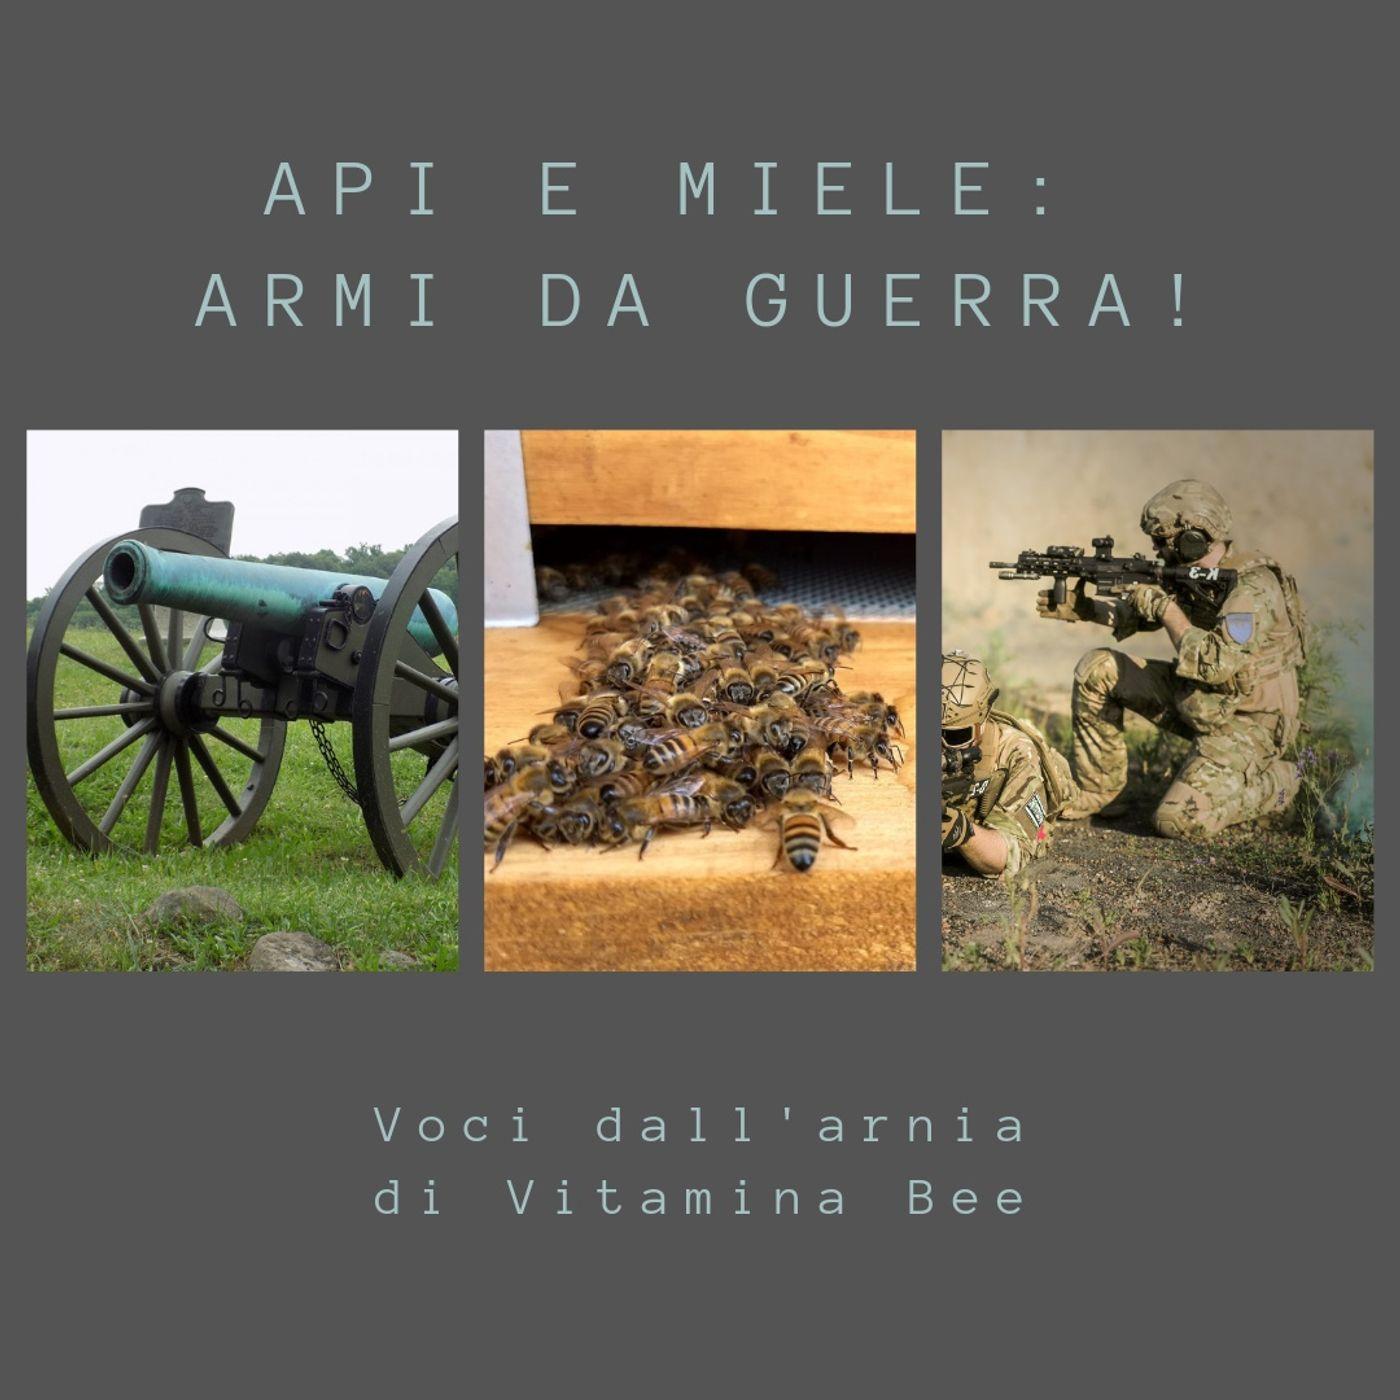 Api e miele: armi da guerra!